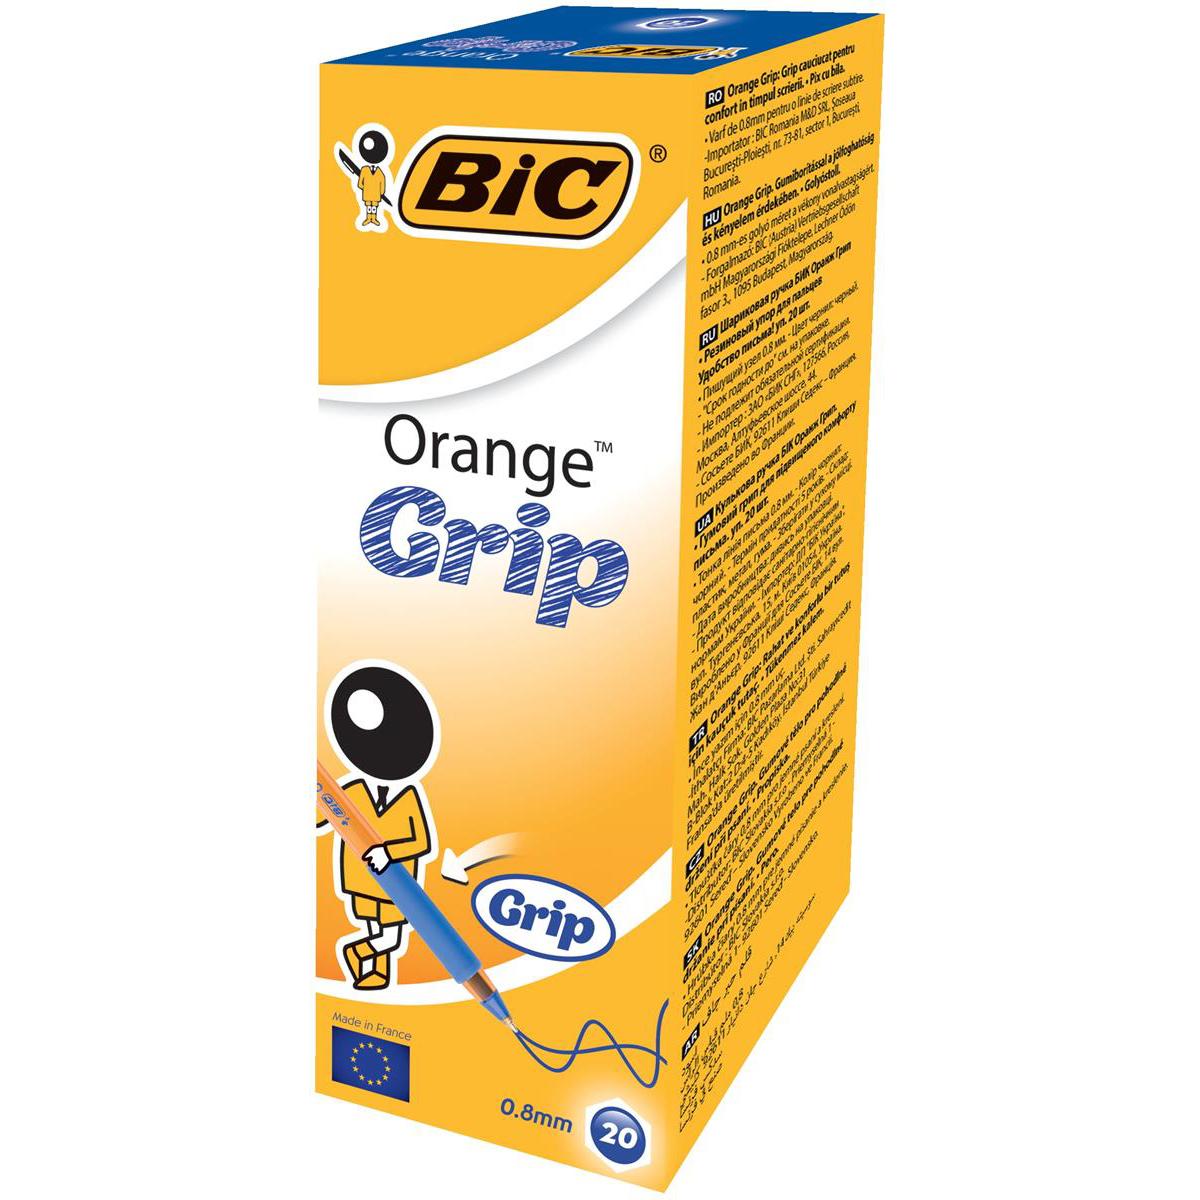 Bic Orange Grip Ball Pen Fine Translucent Barrel 0.8mm Tip 0.3mm Line Blue Ref 811926 Pack 20